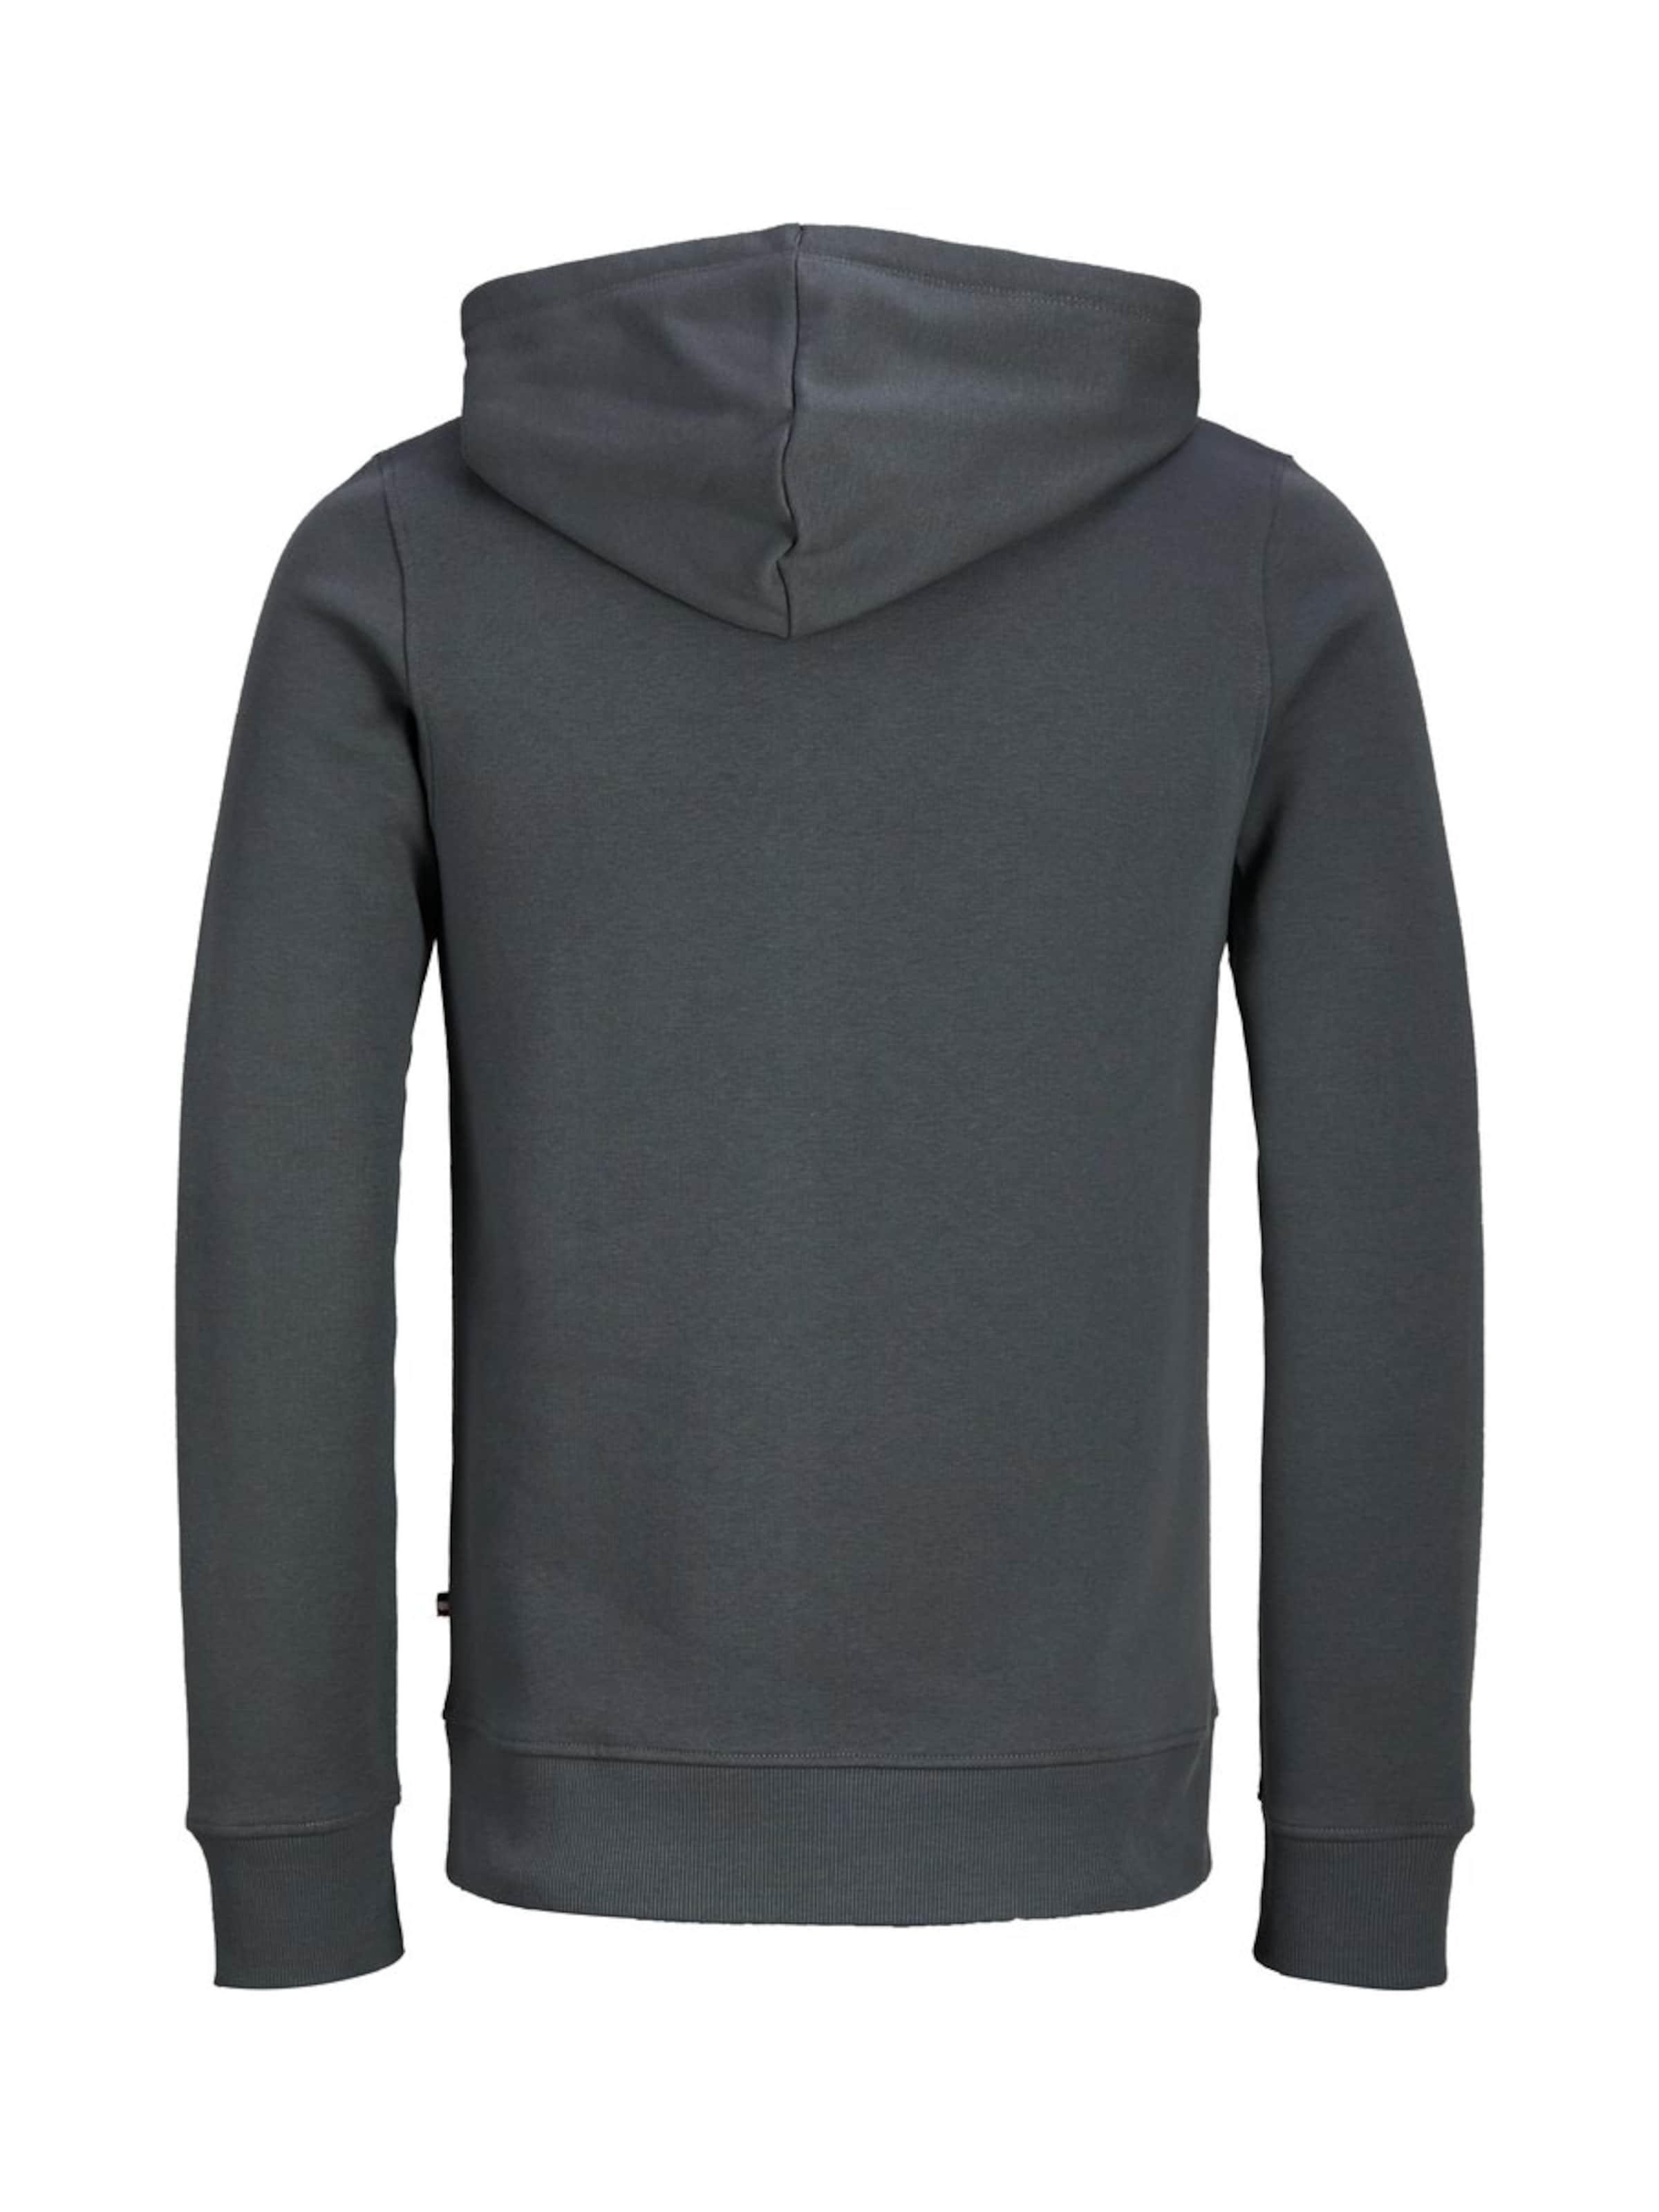 In Basaltgrau Basaltgrau In Sweatshirt Produkt Produkt Sweatshirt VzMSpU